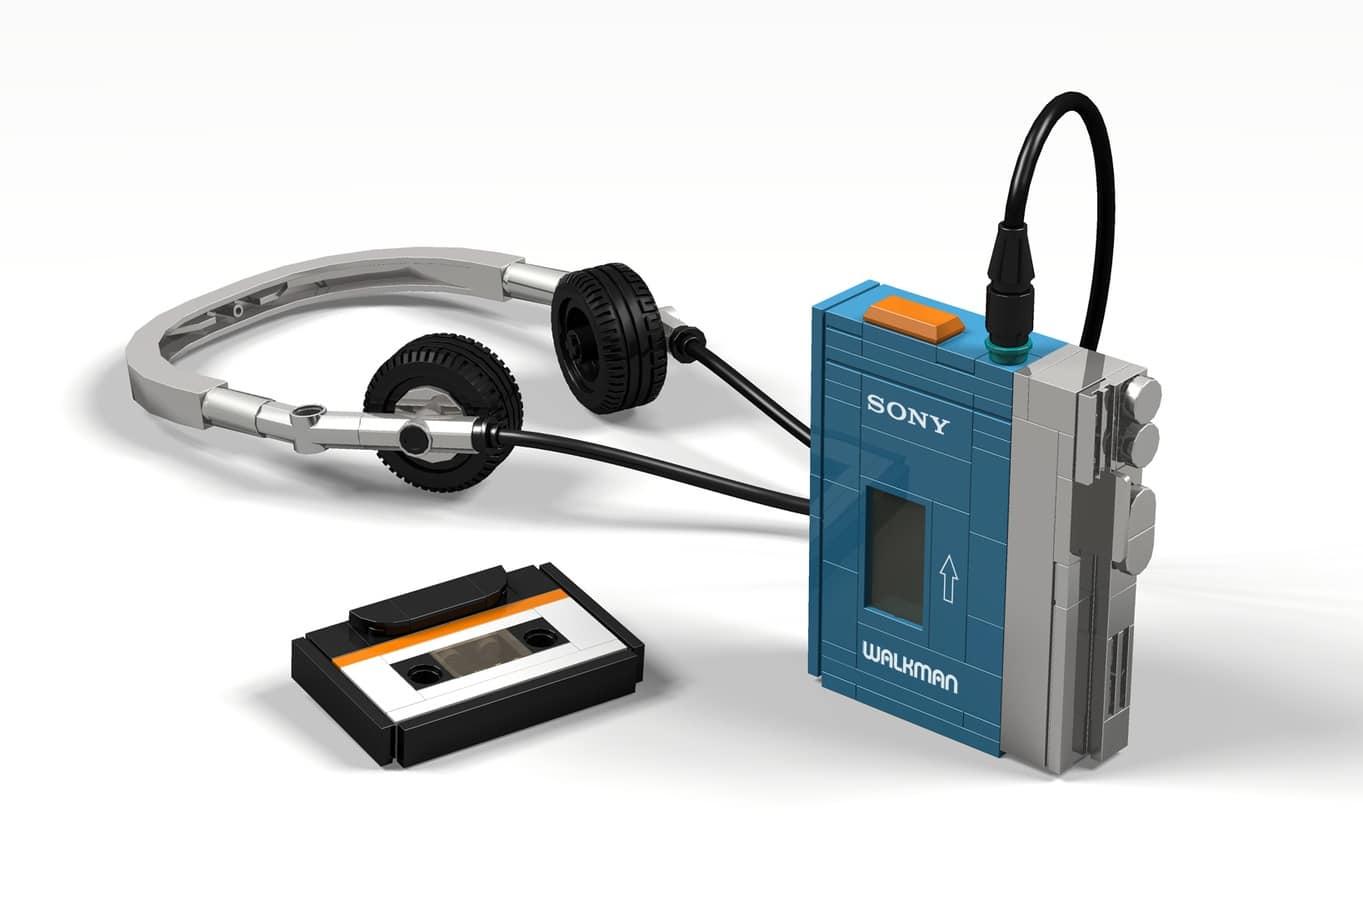 LEGO Ideas Sony Walkman